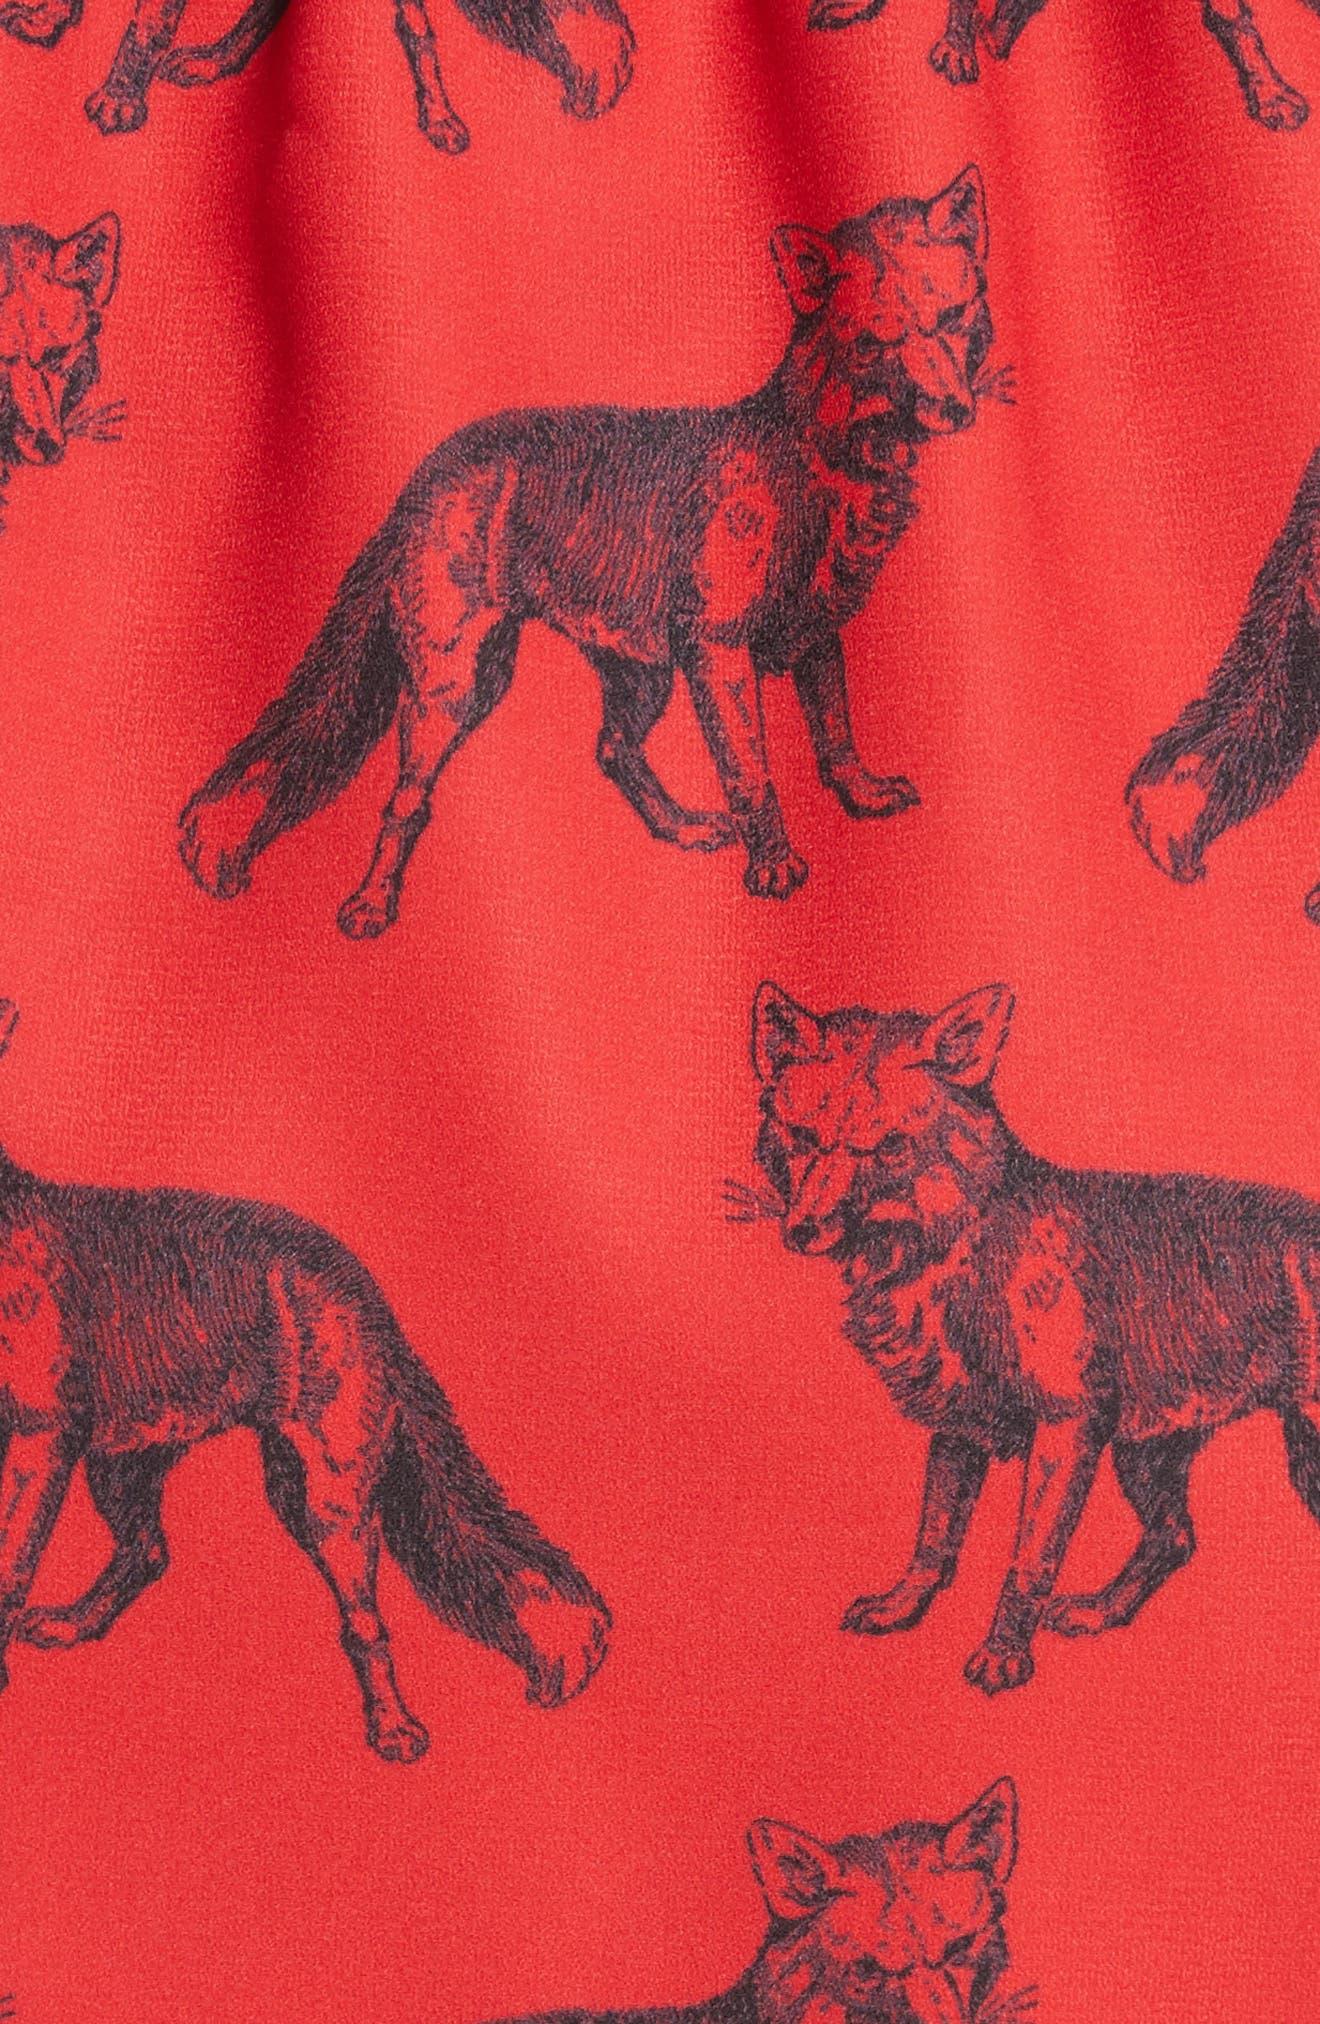 Fox/Girl Reversible Skirt,                             Alternate thumbnail 5, color,                             Ivory/ Red